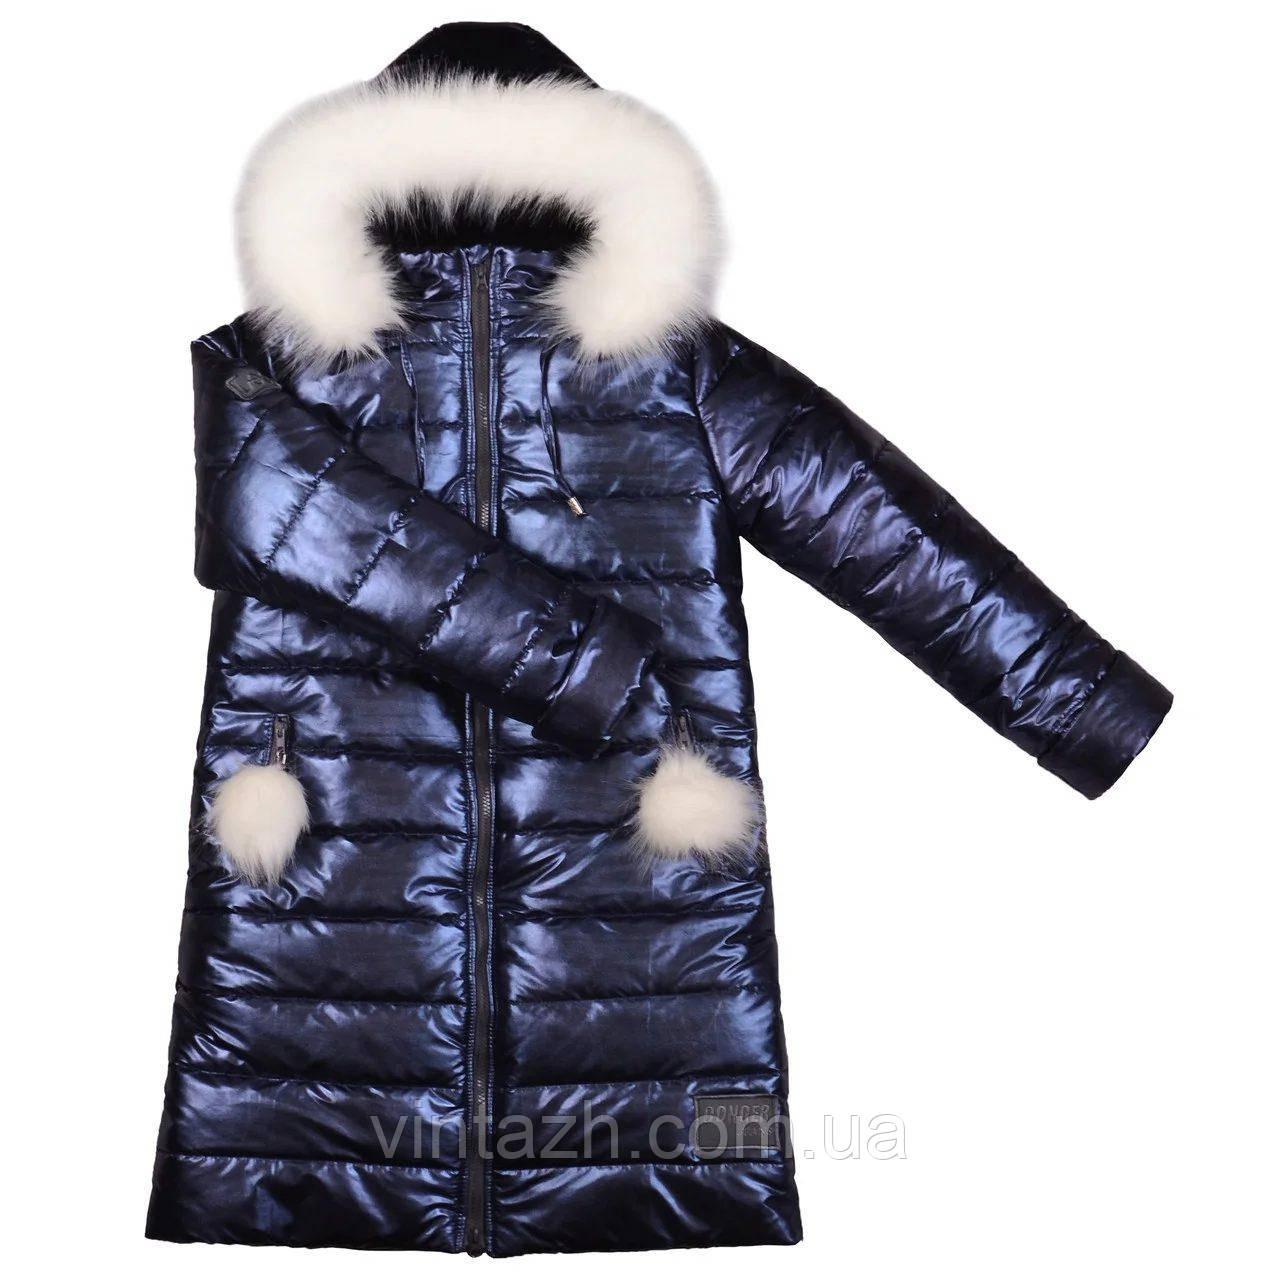 Теплая модная зимняя куртка для девочки от производителя  в Украине